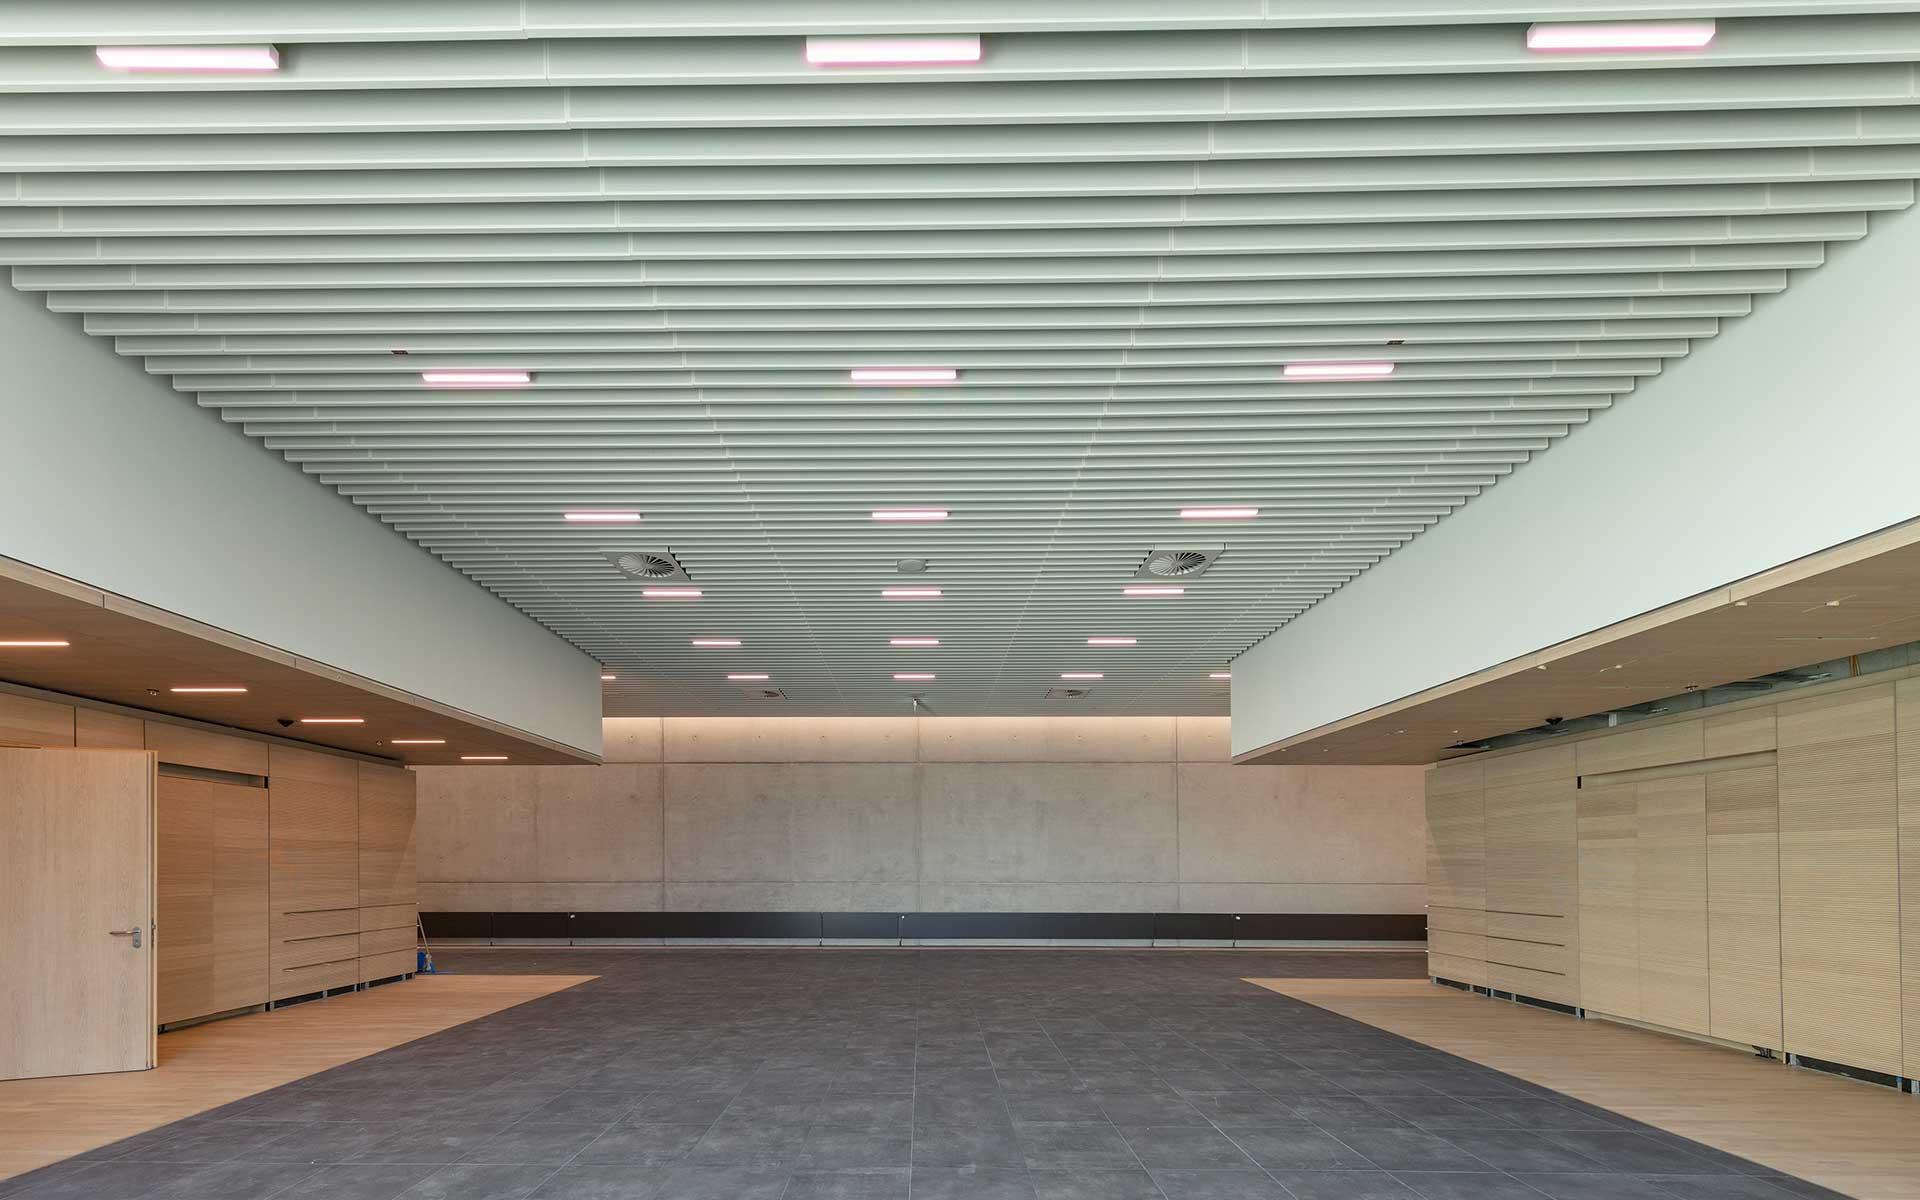 Messehalle Duesseldorf Konferenzraum Besprechung Wandverkleidun Rosink2